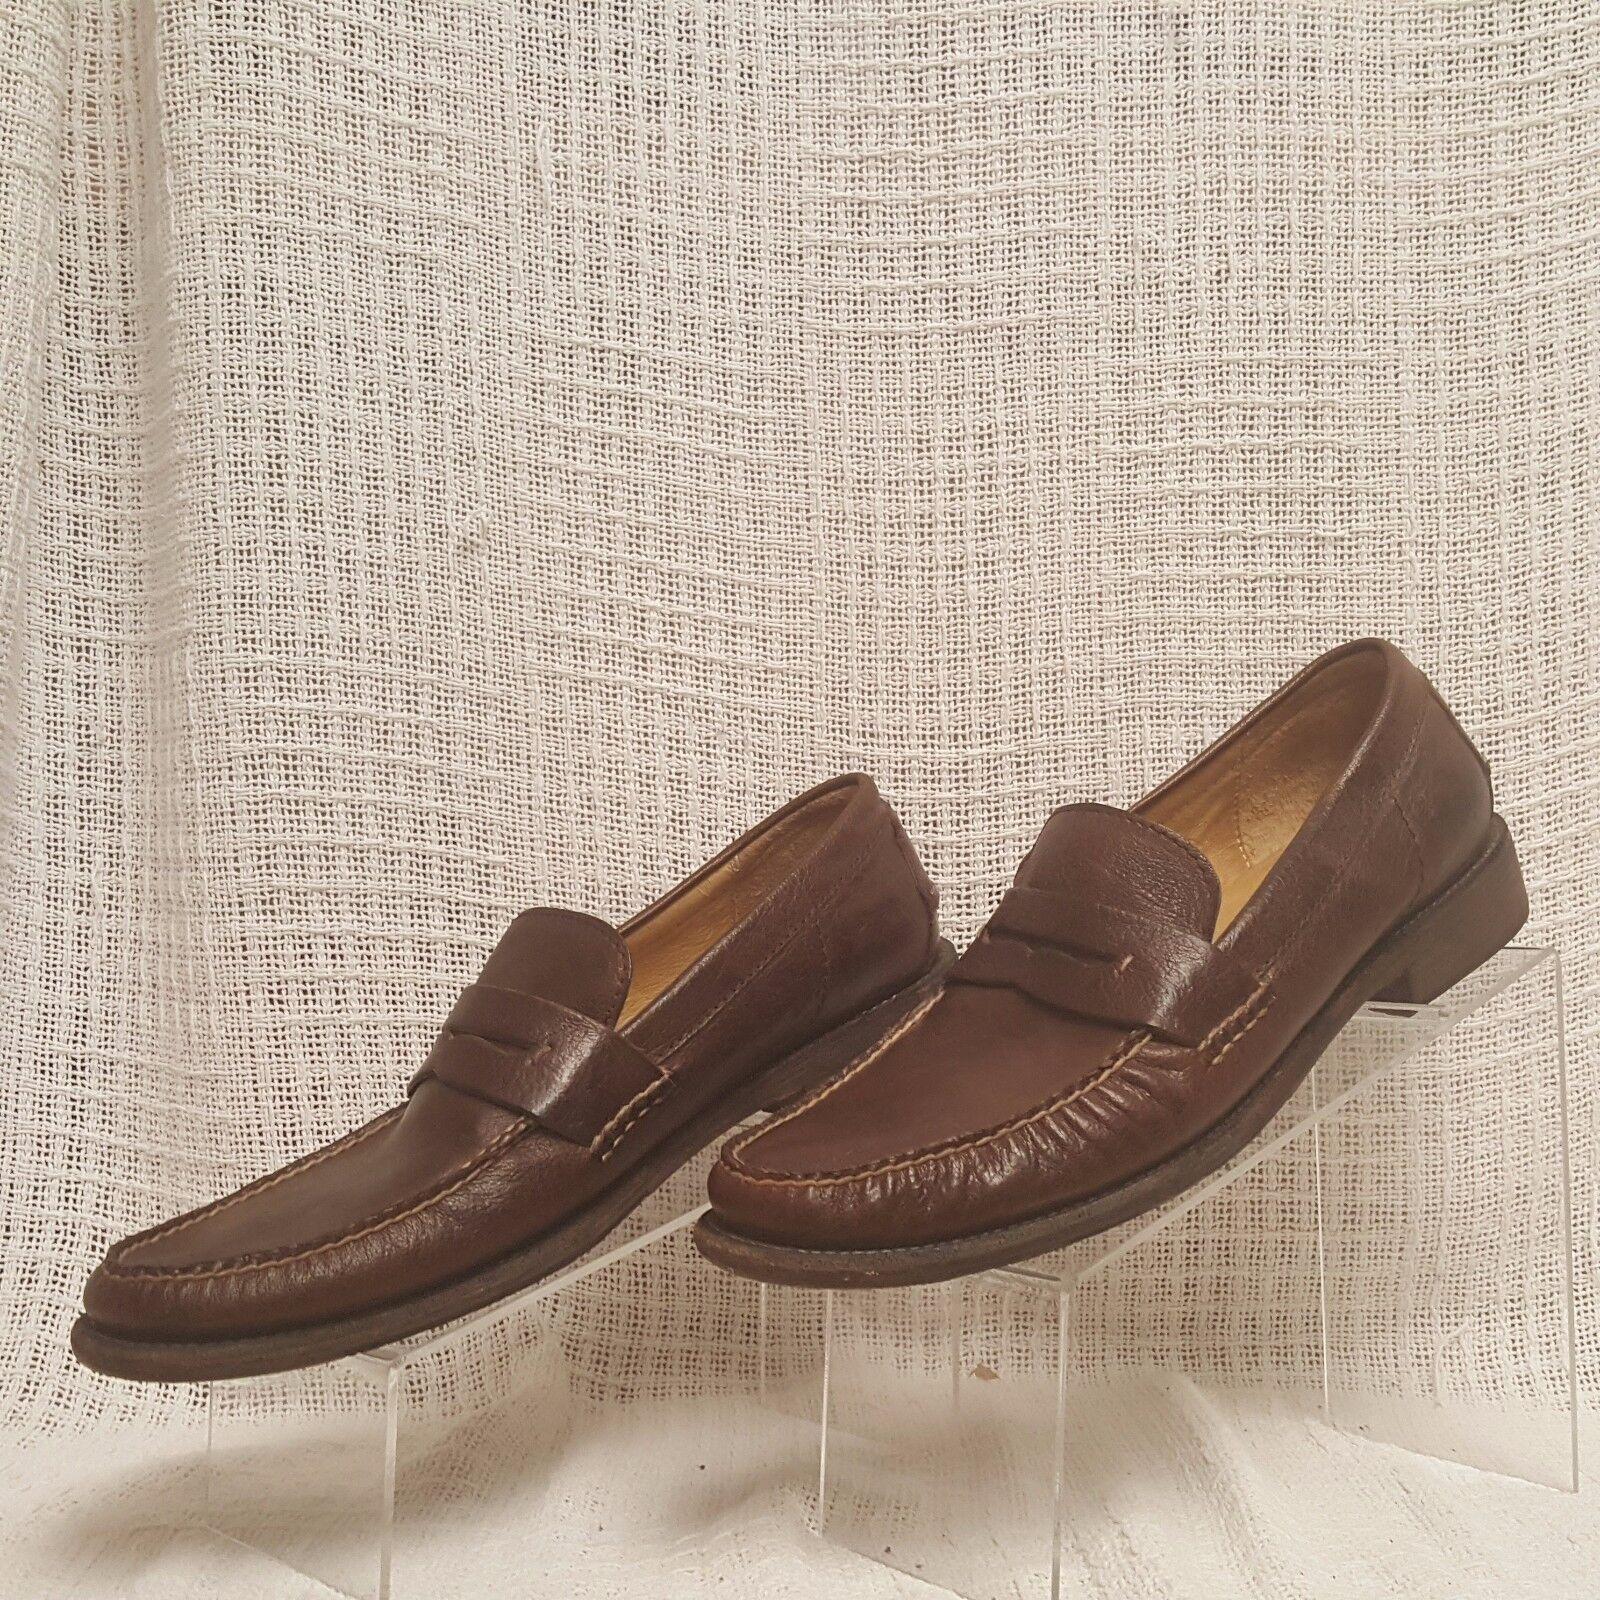 Frye Otis Penny Loafer Moc Toe Toe Toe Distressed Leather Men Größe 11.5 D braun 80552 d85c45